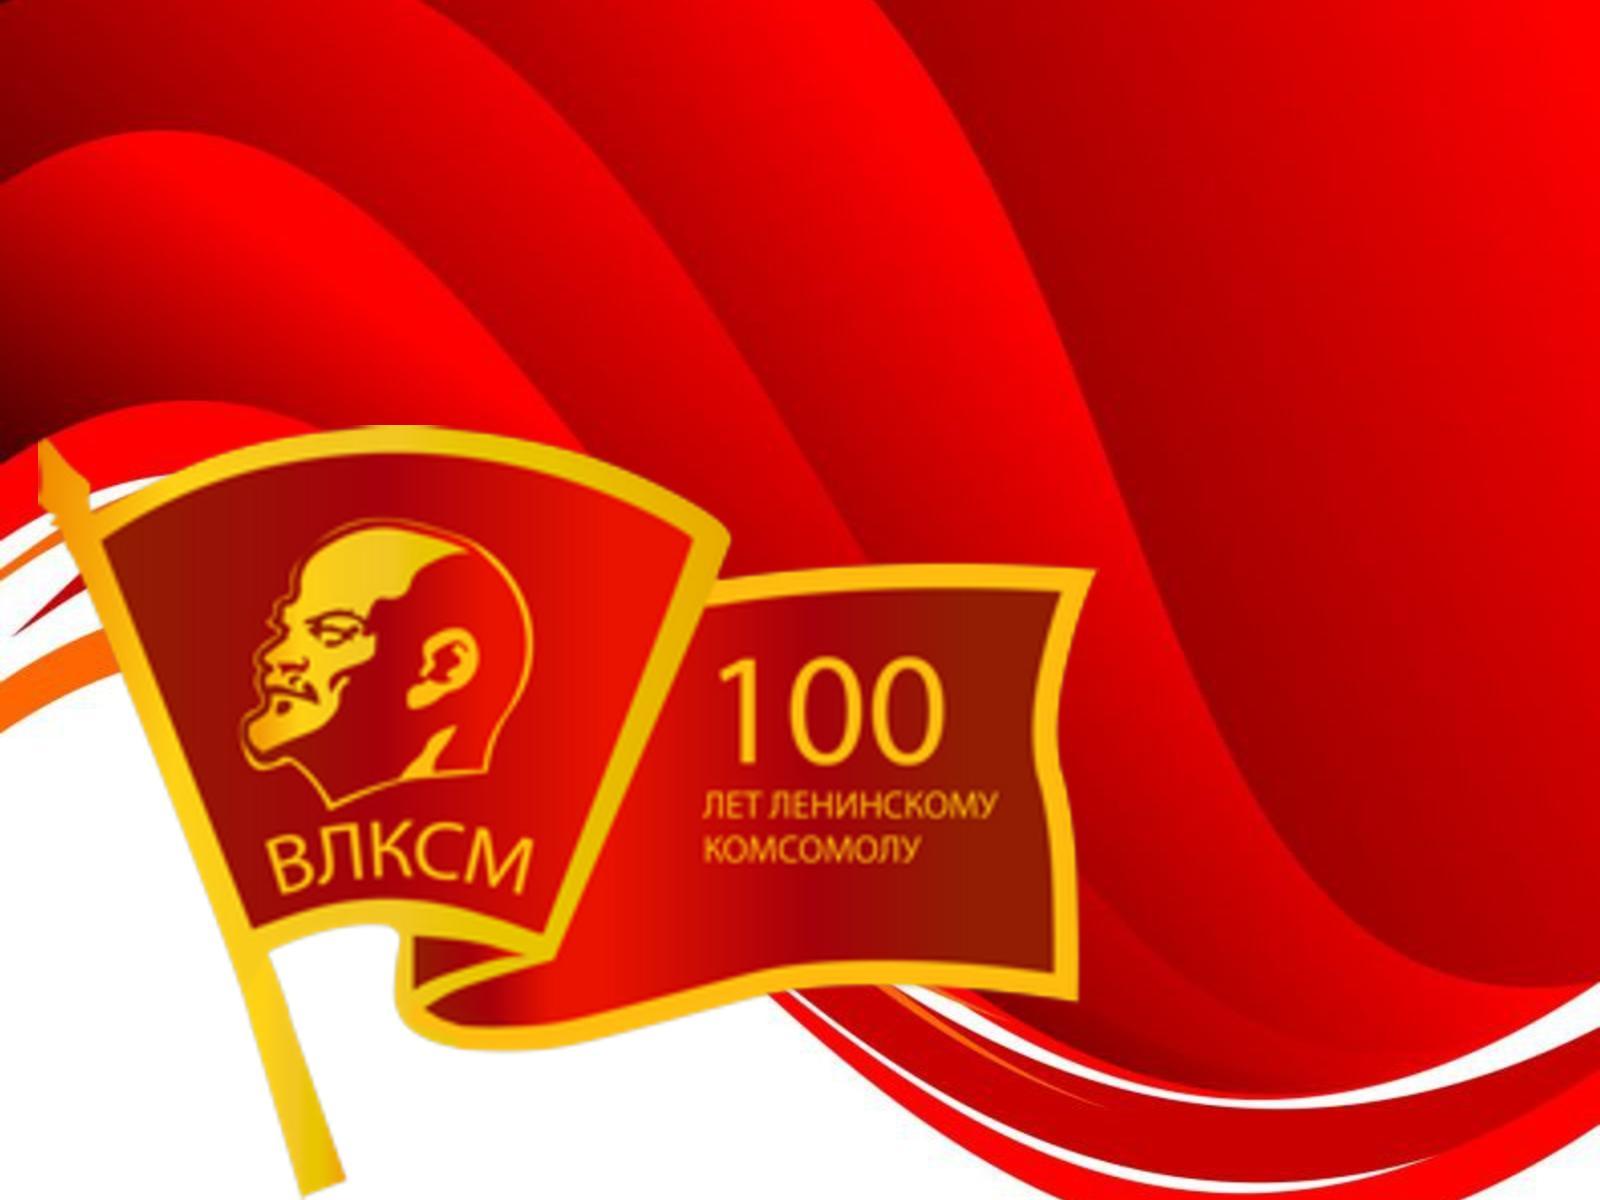 Открытки к дню 100 летия комсомола, моему